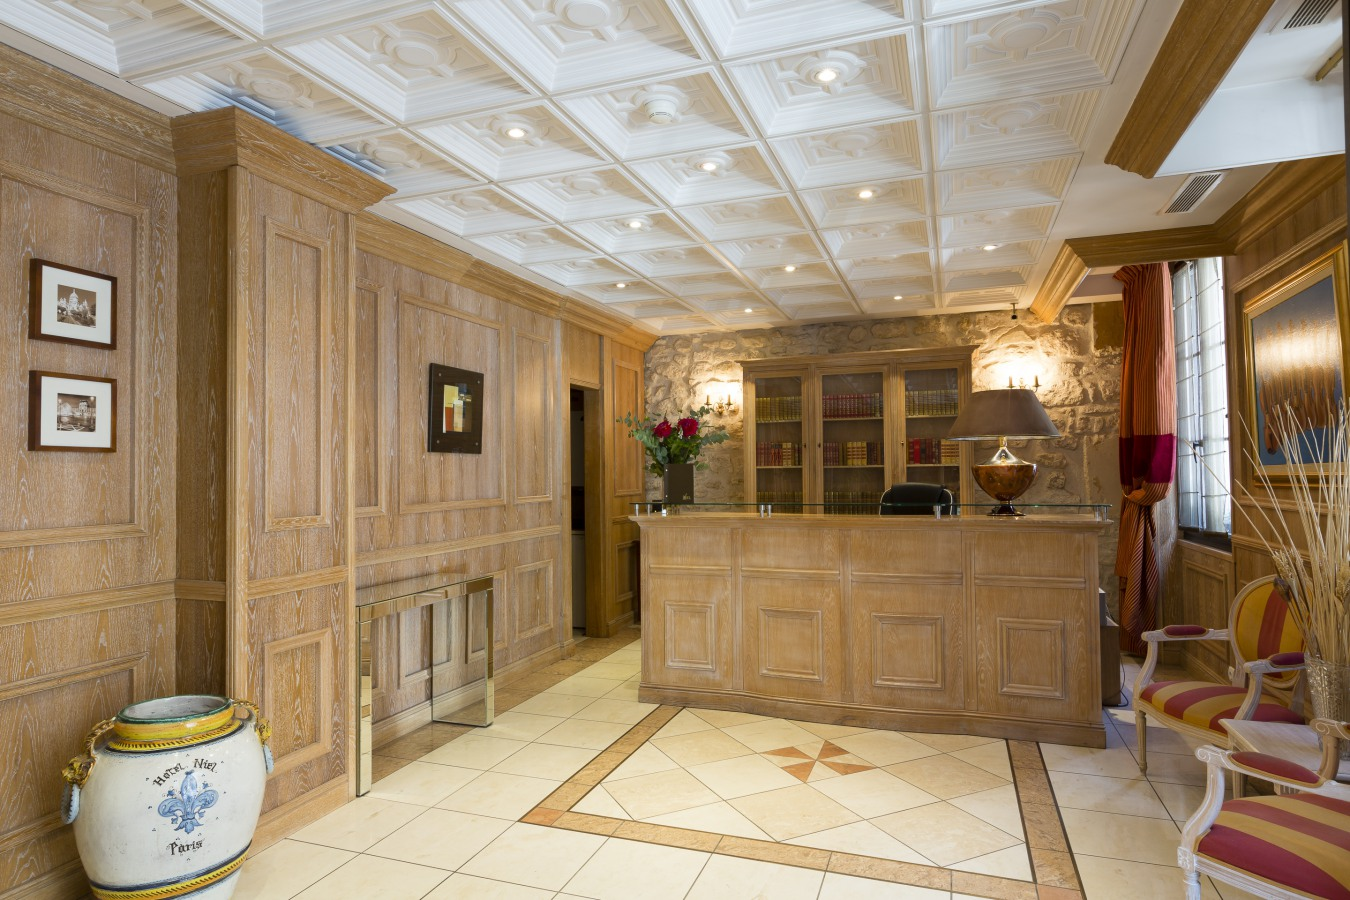 Hôtel Niel - Home